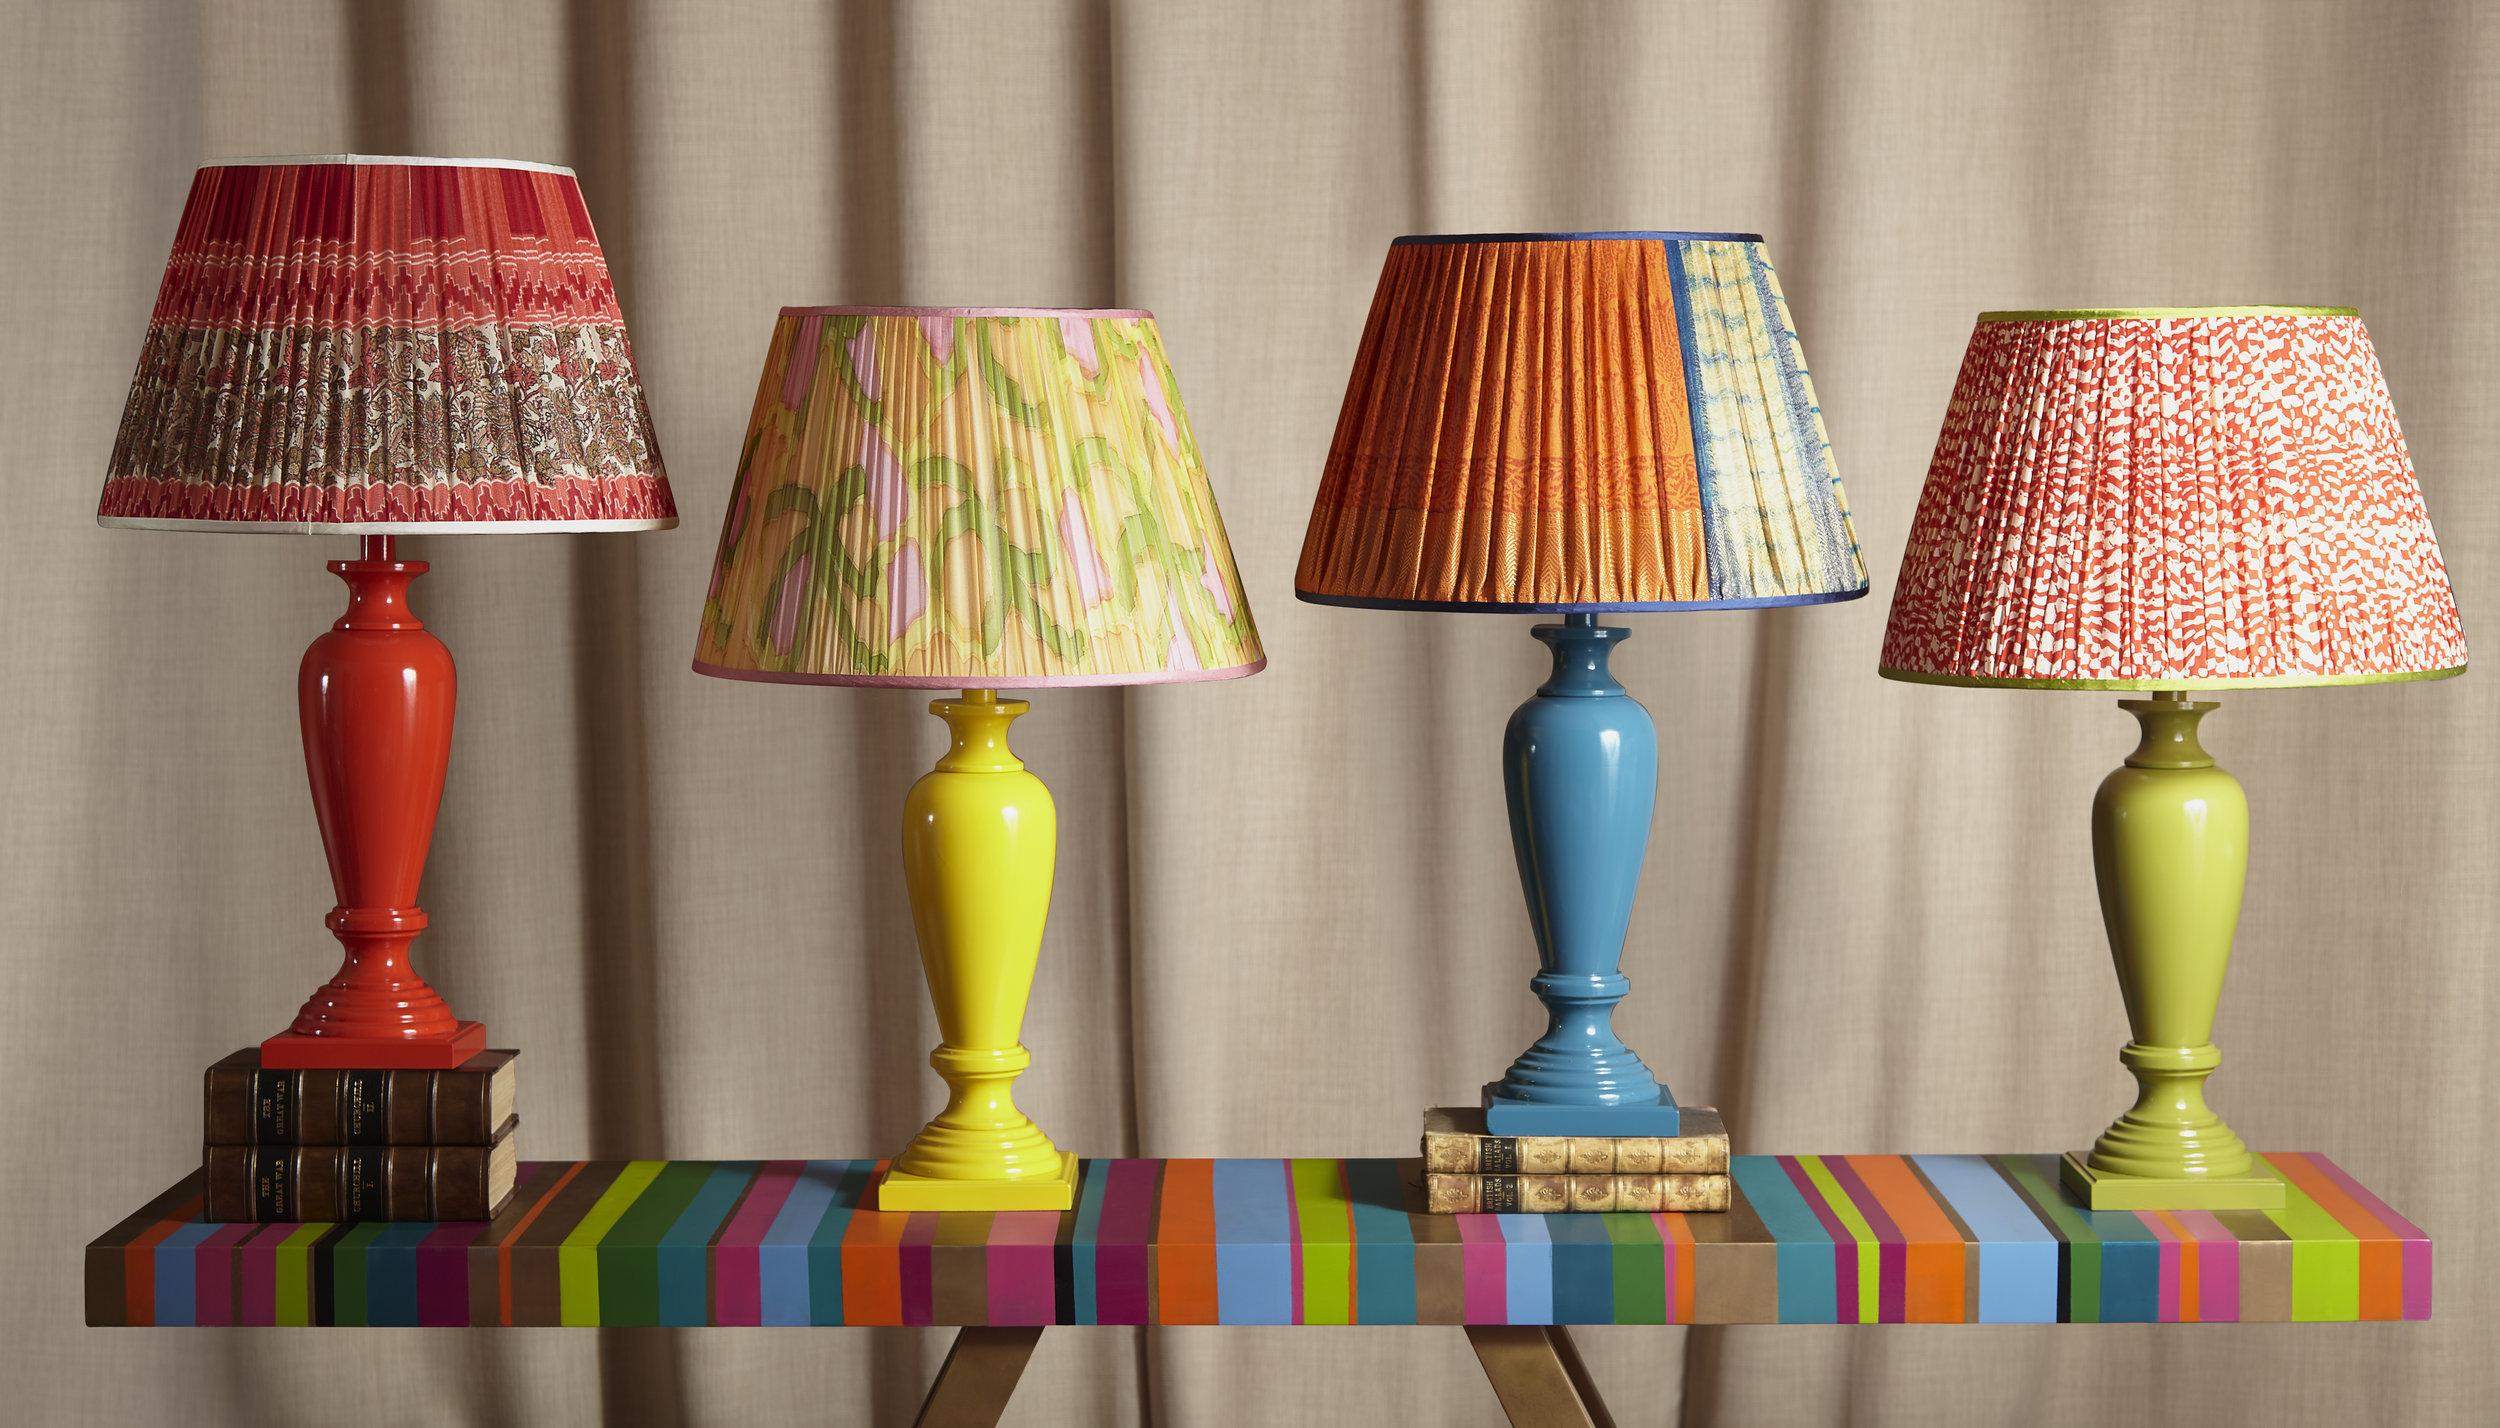 SHOT 7 MULTI LAMPS.jpg